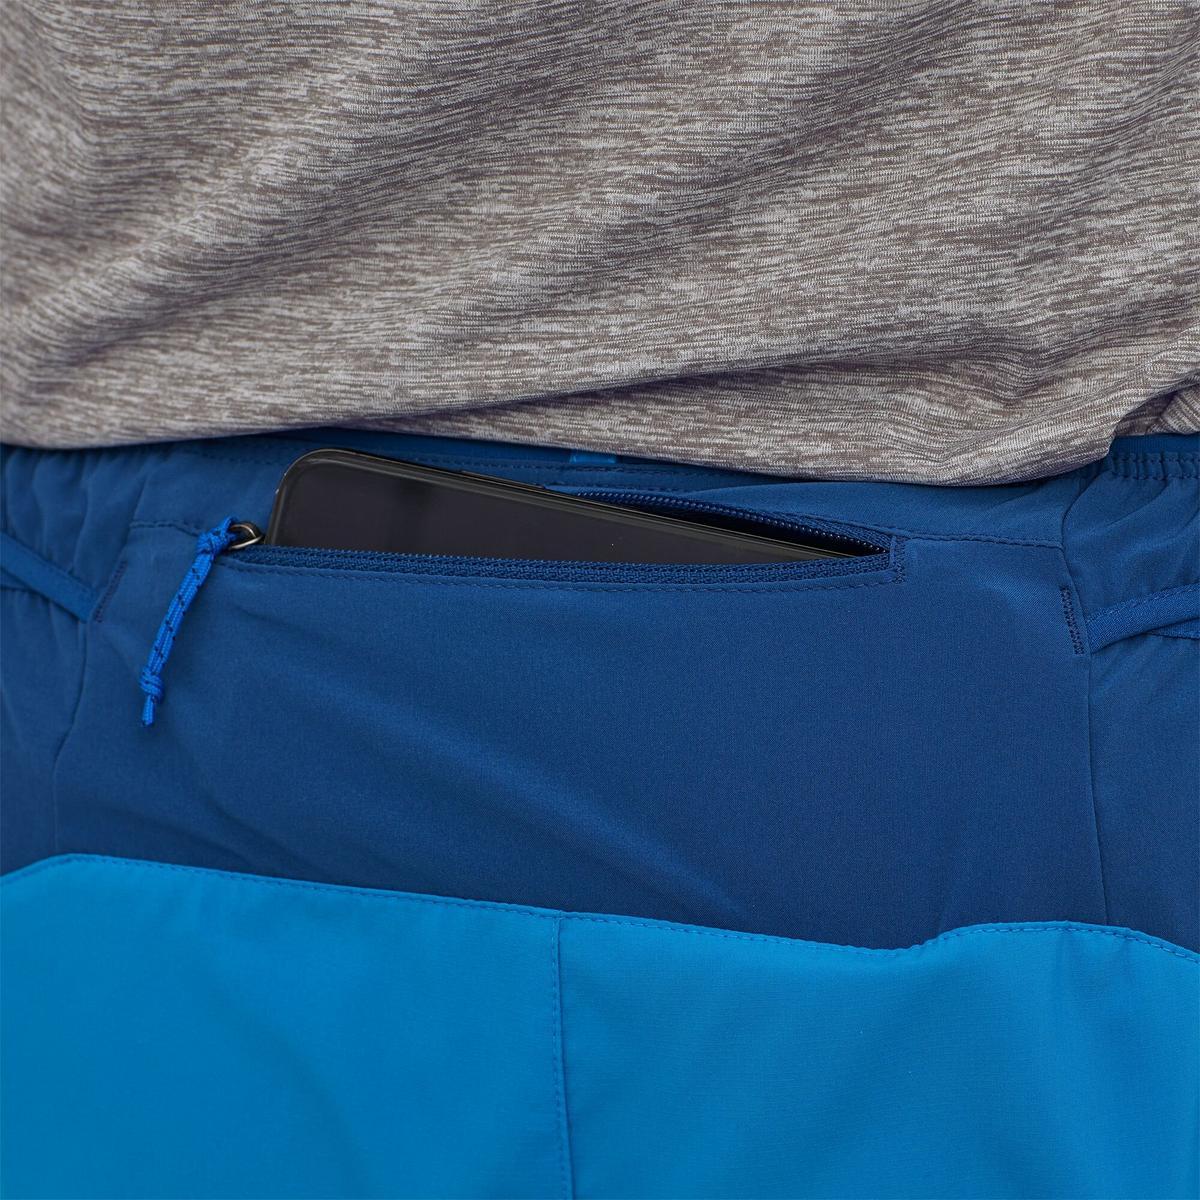 Patagonia Men's Strider Pro Shorts 7